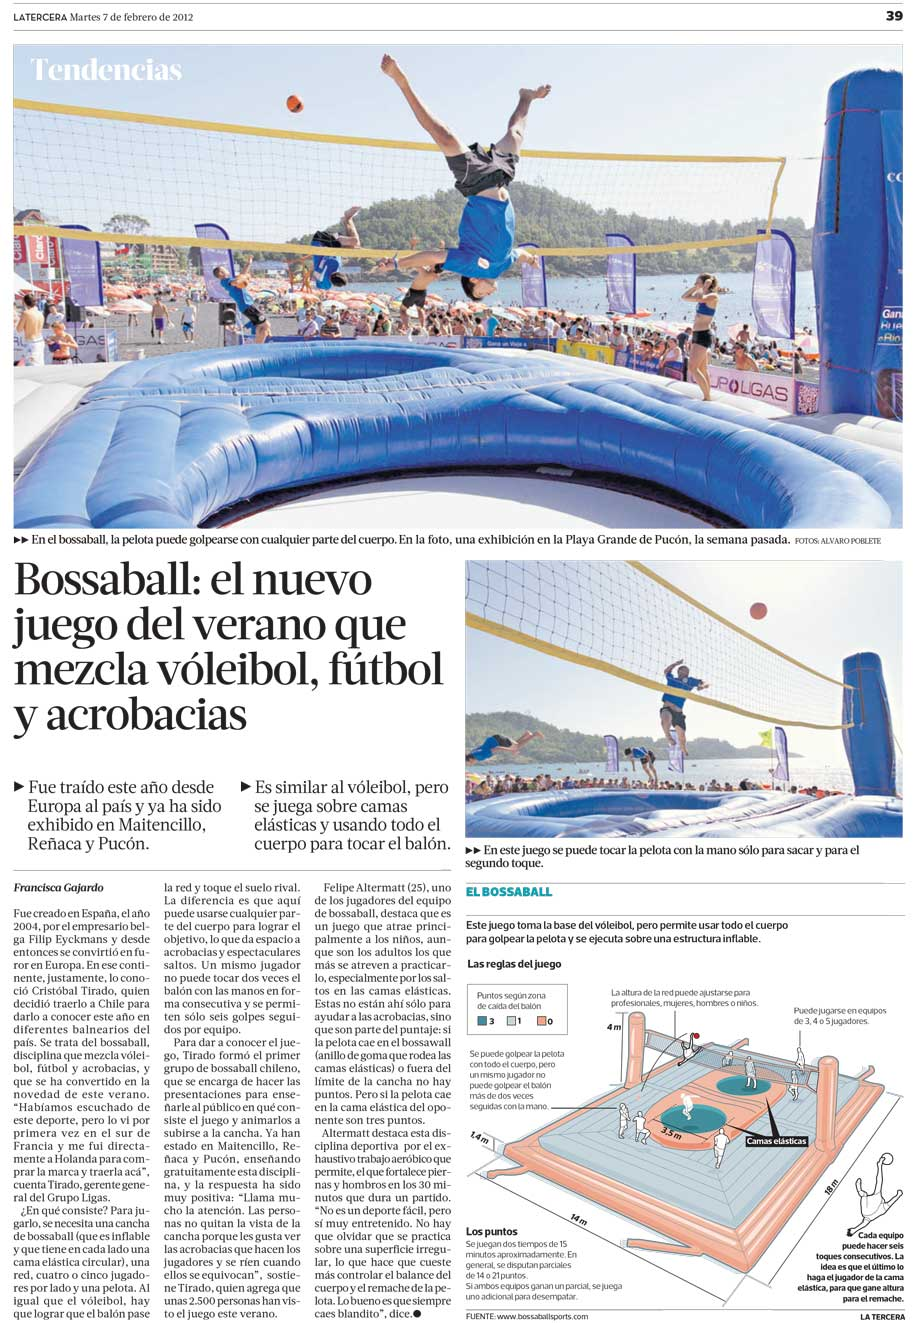 La-Tercera-Bossaball-El-nuevo-juego-de-verano-que-mezcla-voleibol-futbol-y-gimnasia